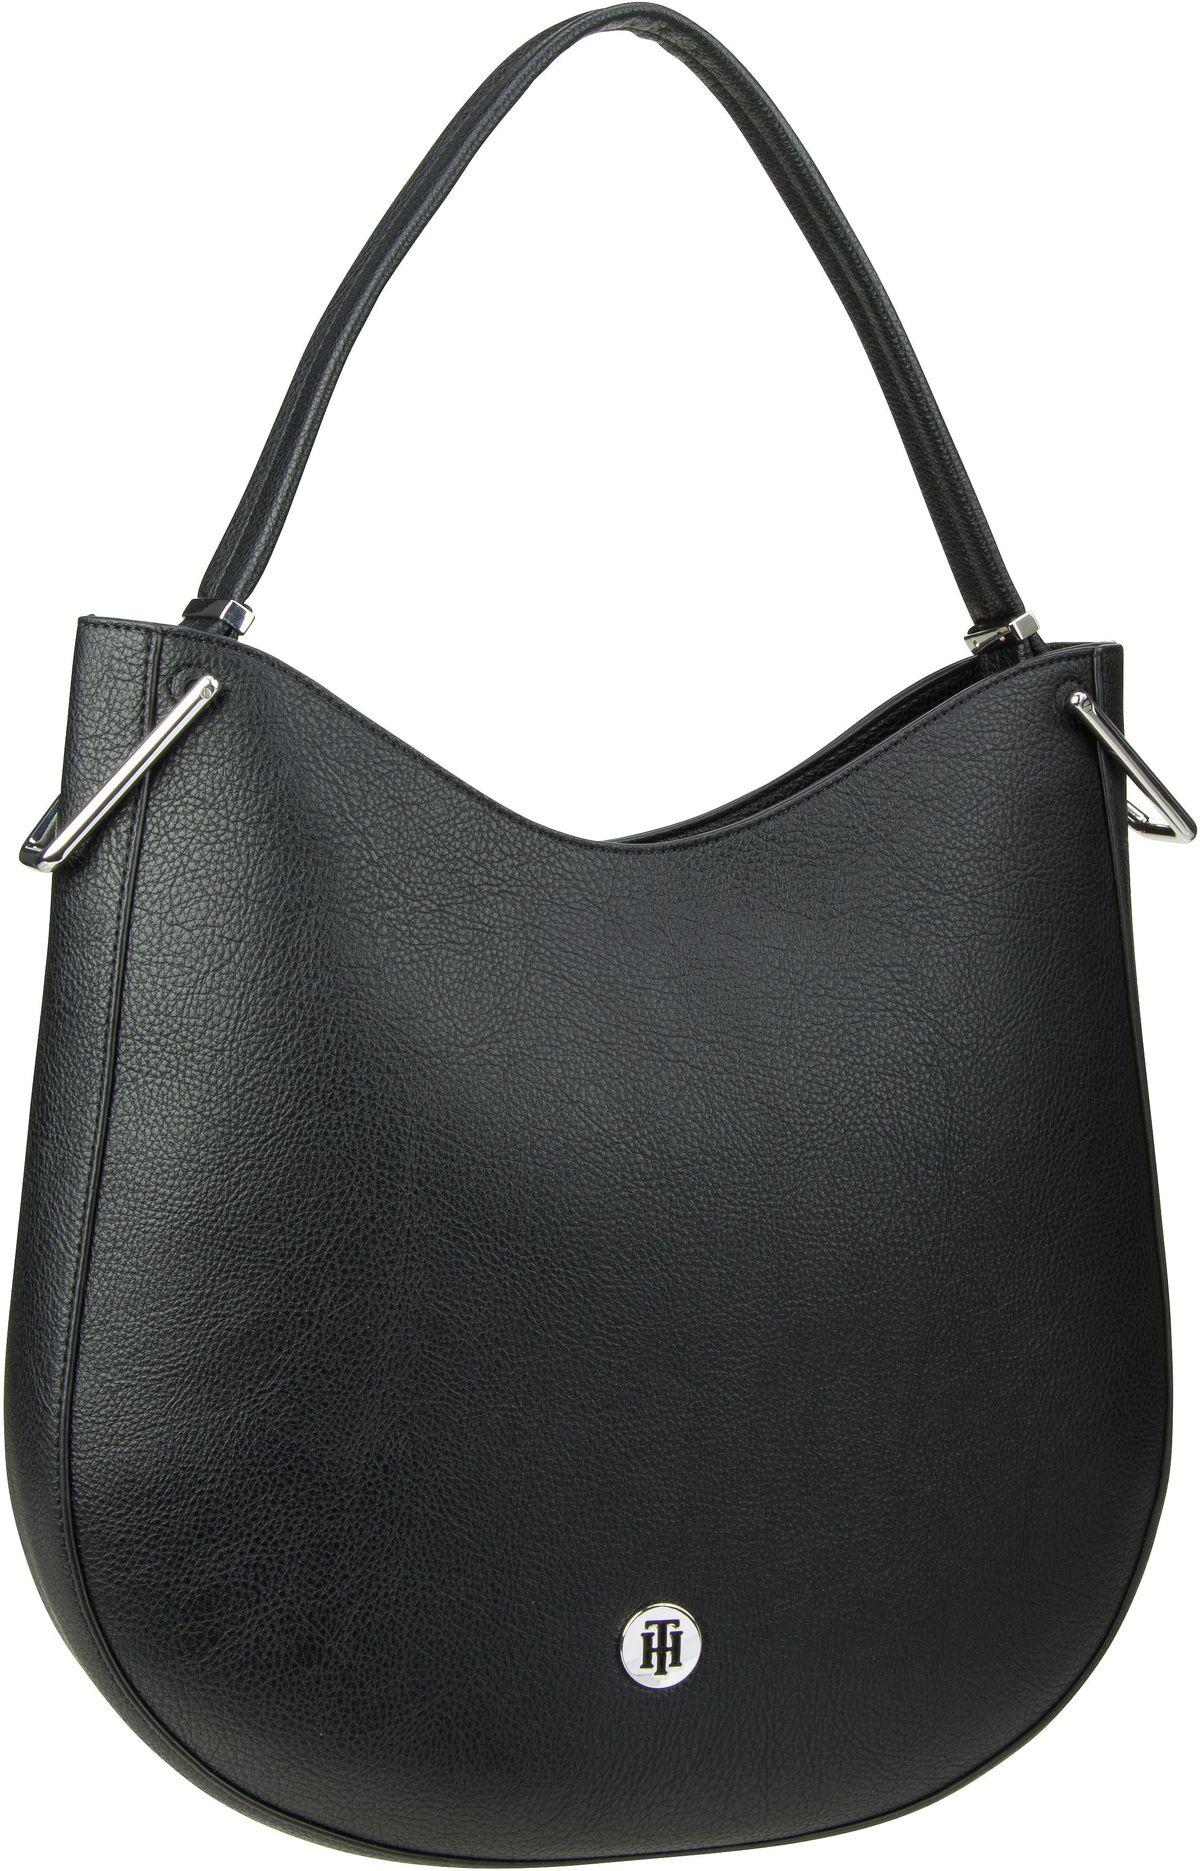 Handtasche TH Core Hobo 0730 Black